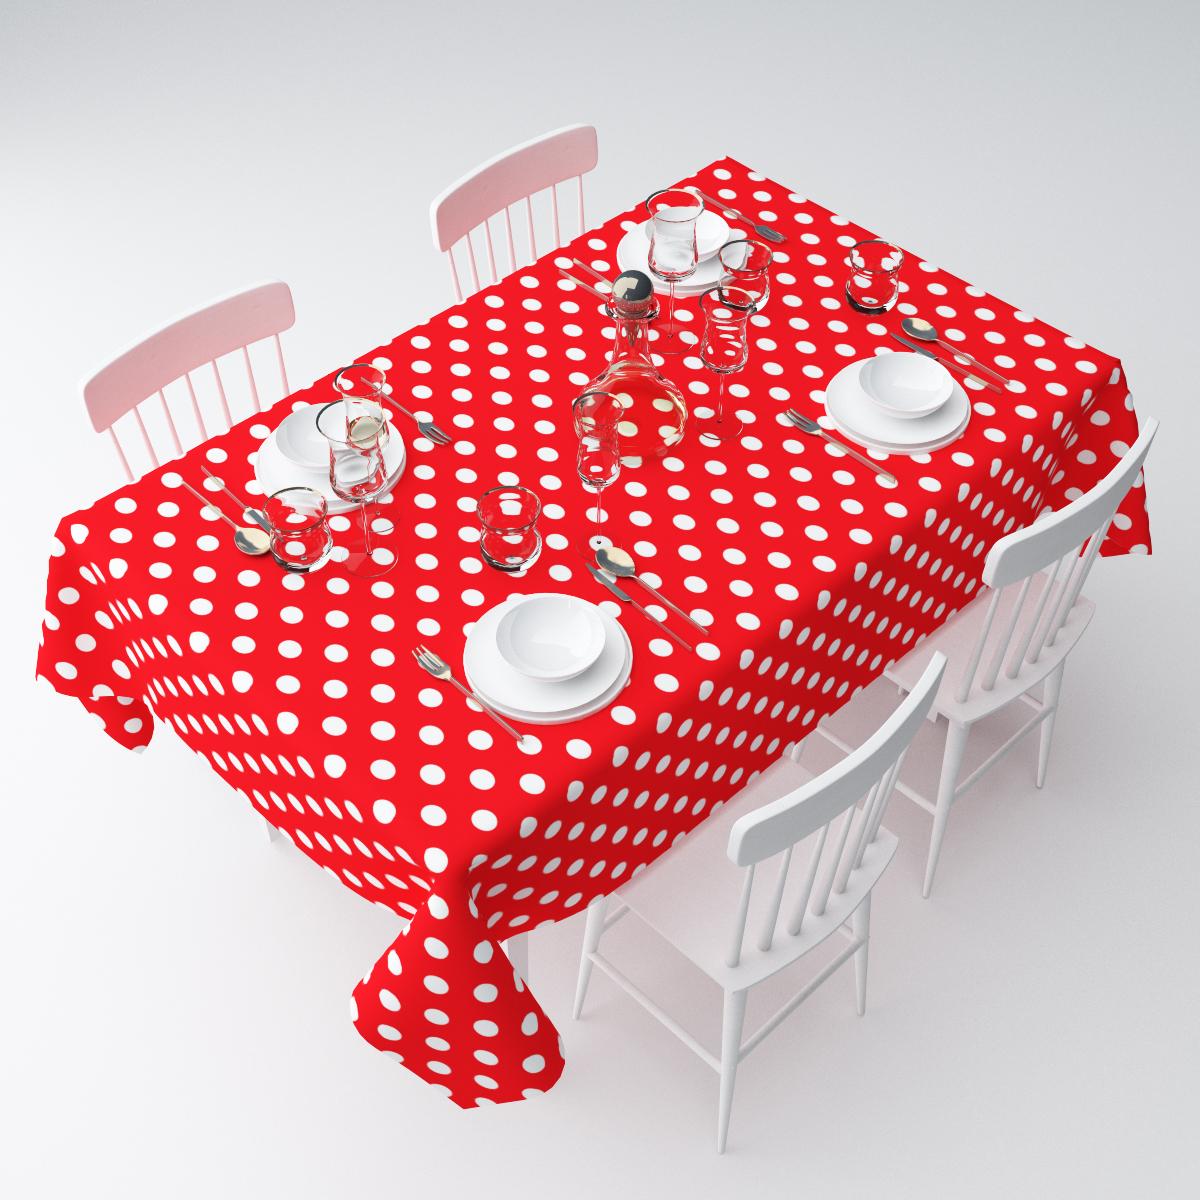 Скатерть Сирень Красный в горошек, прямоугольная, 145 х 120 смСКГБ003-09259Прямоугольная скатерть Сирень Красный горошек, выполненная из габардина с ярким рисунком, преобразит вашу кухню, визуально расширит пространство, создаст атмосферу радости и комфорта. Рекомендации по уходу: стирка при 30 градусах, гладить при температуре до 110 градусов.Размер скатерти: 145 х 120 см. Изображение может немного отличаться от реального.